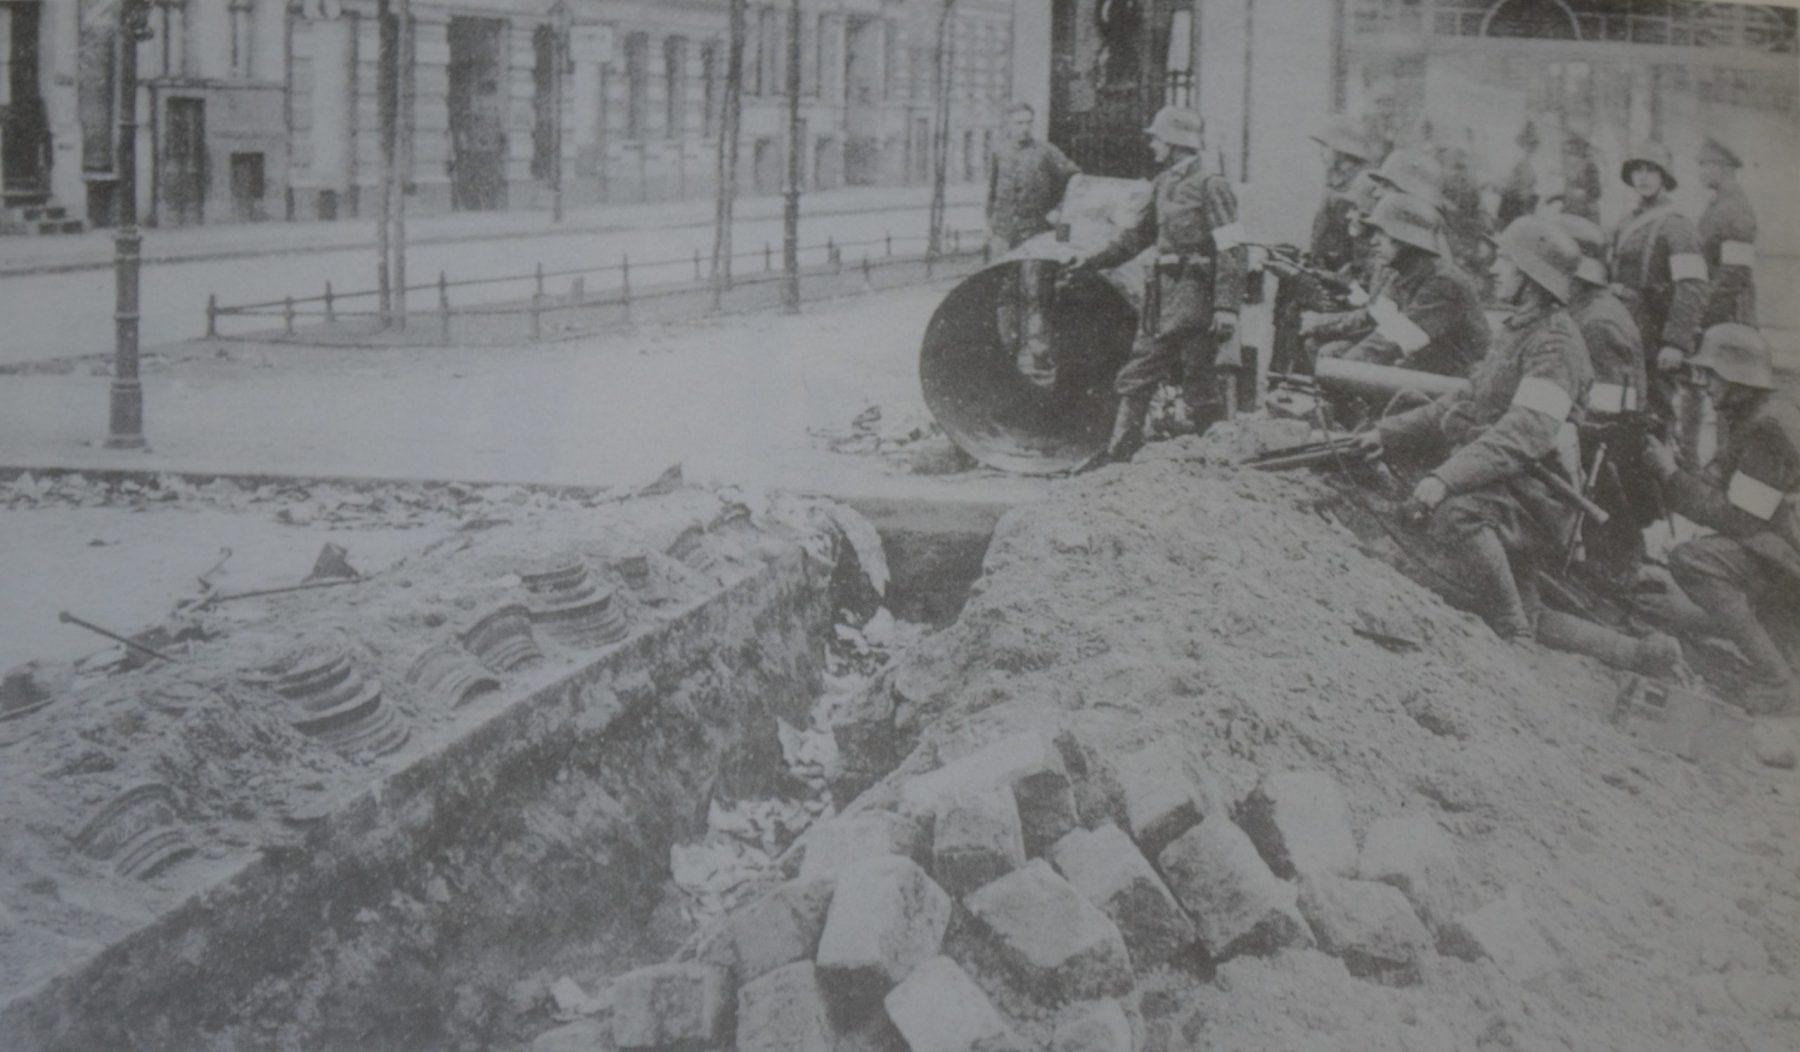 Em 1919, foi deflagrada uma insurreição em Berlim, à revelia de Rosa e outras lideranças spartakistas. A rebelião foi violentamente reprimida pela polícia da então República Alemã.